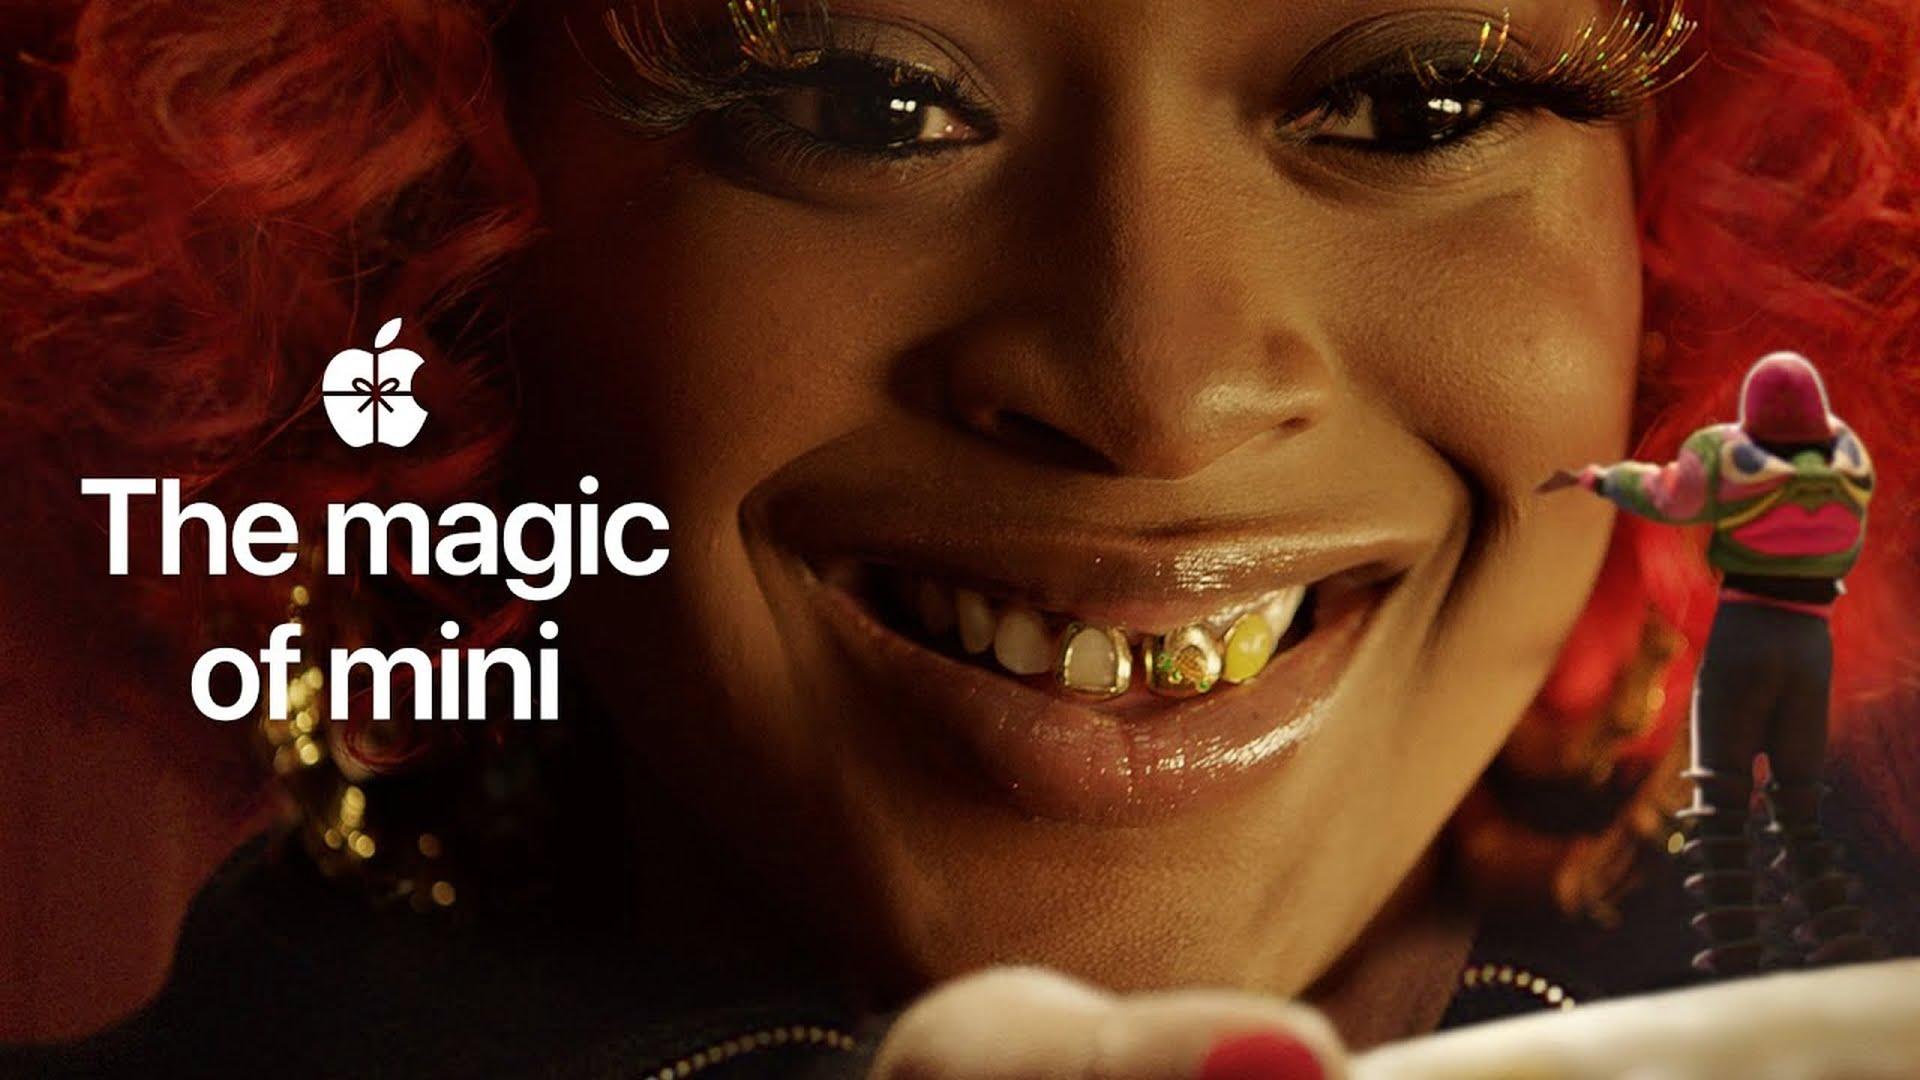 """Firma Apple udostępniła reklamę świąteczną """"The magic of mini"""""""